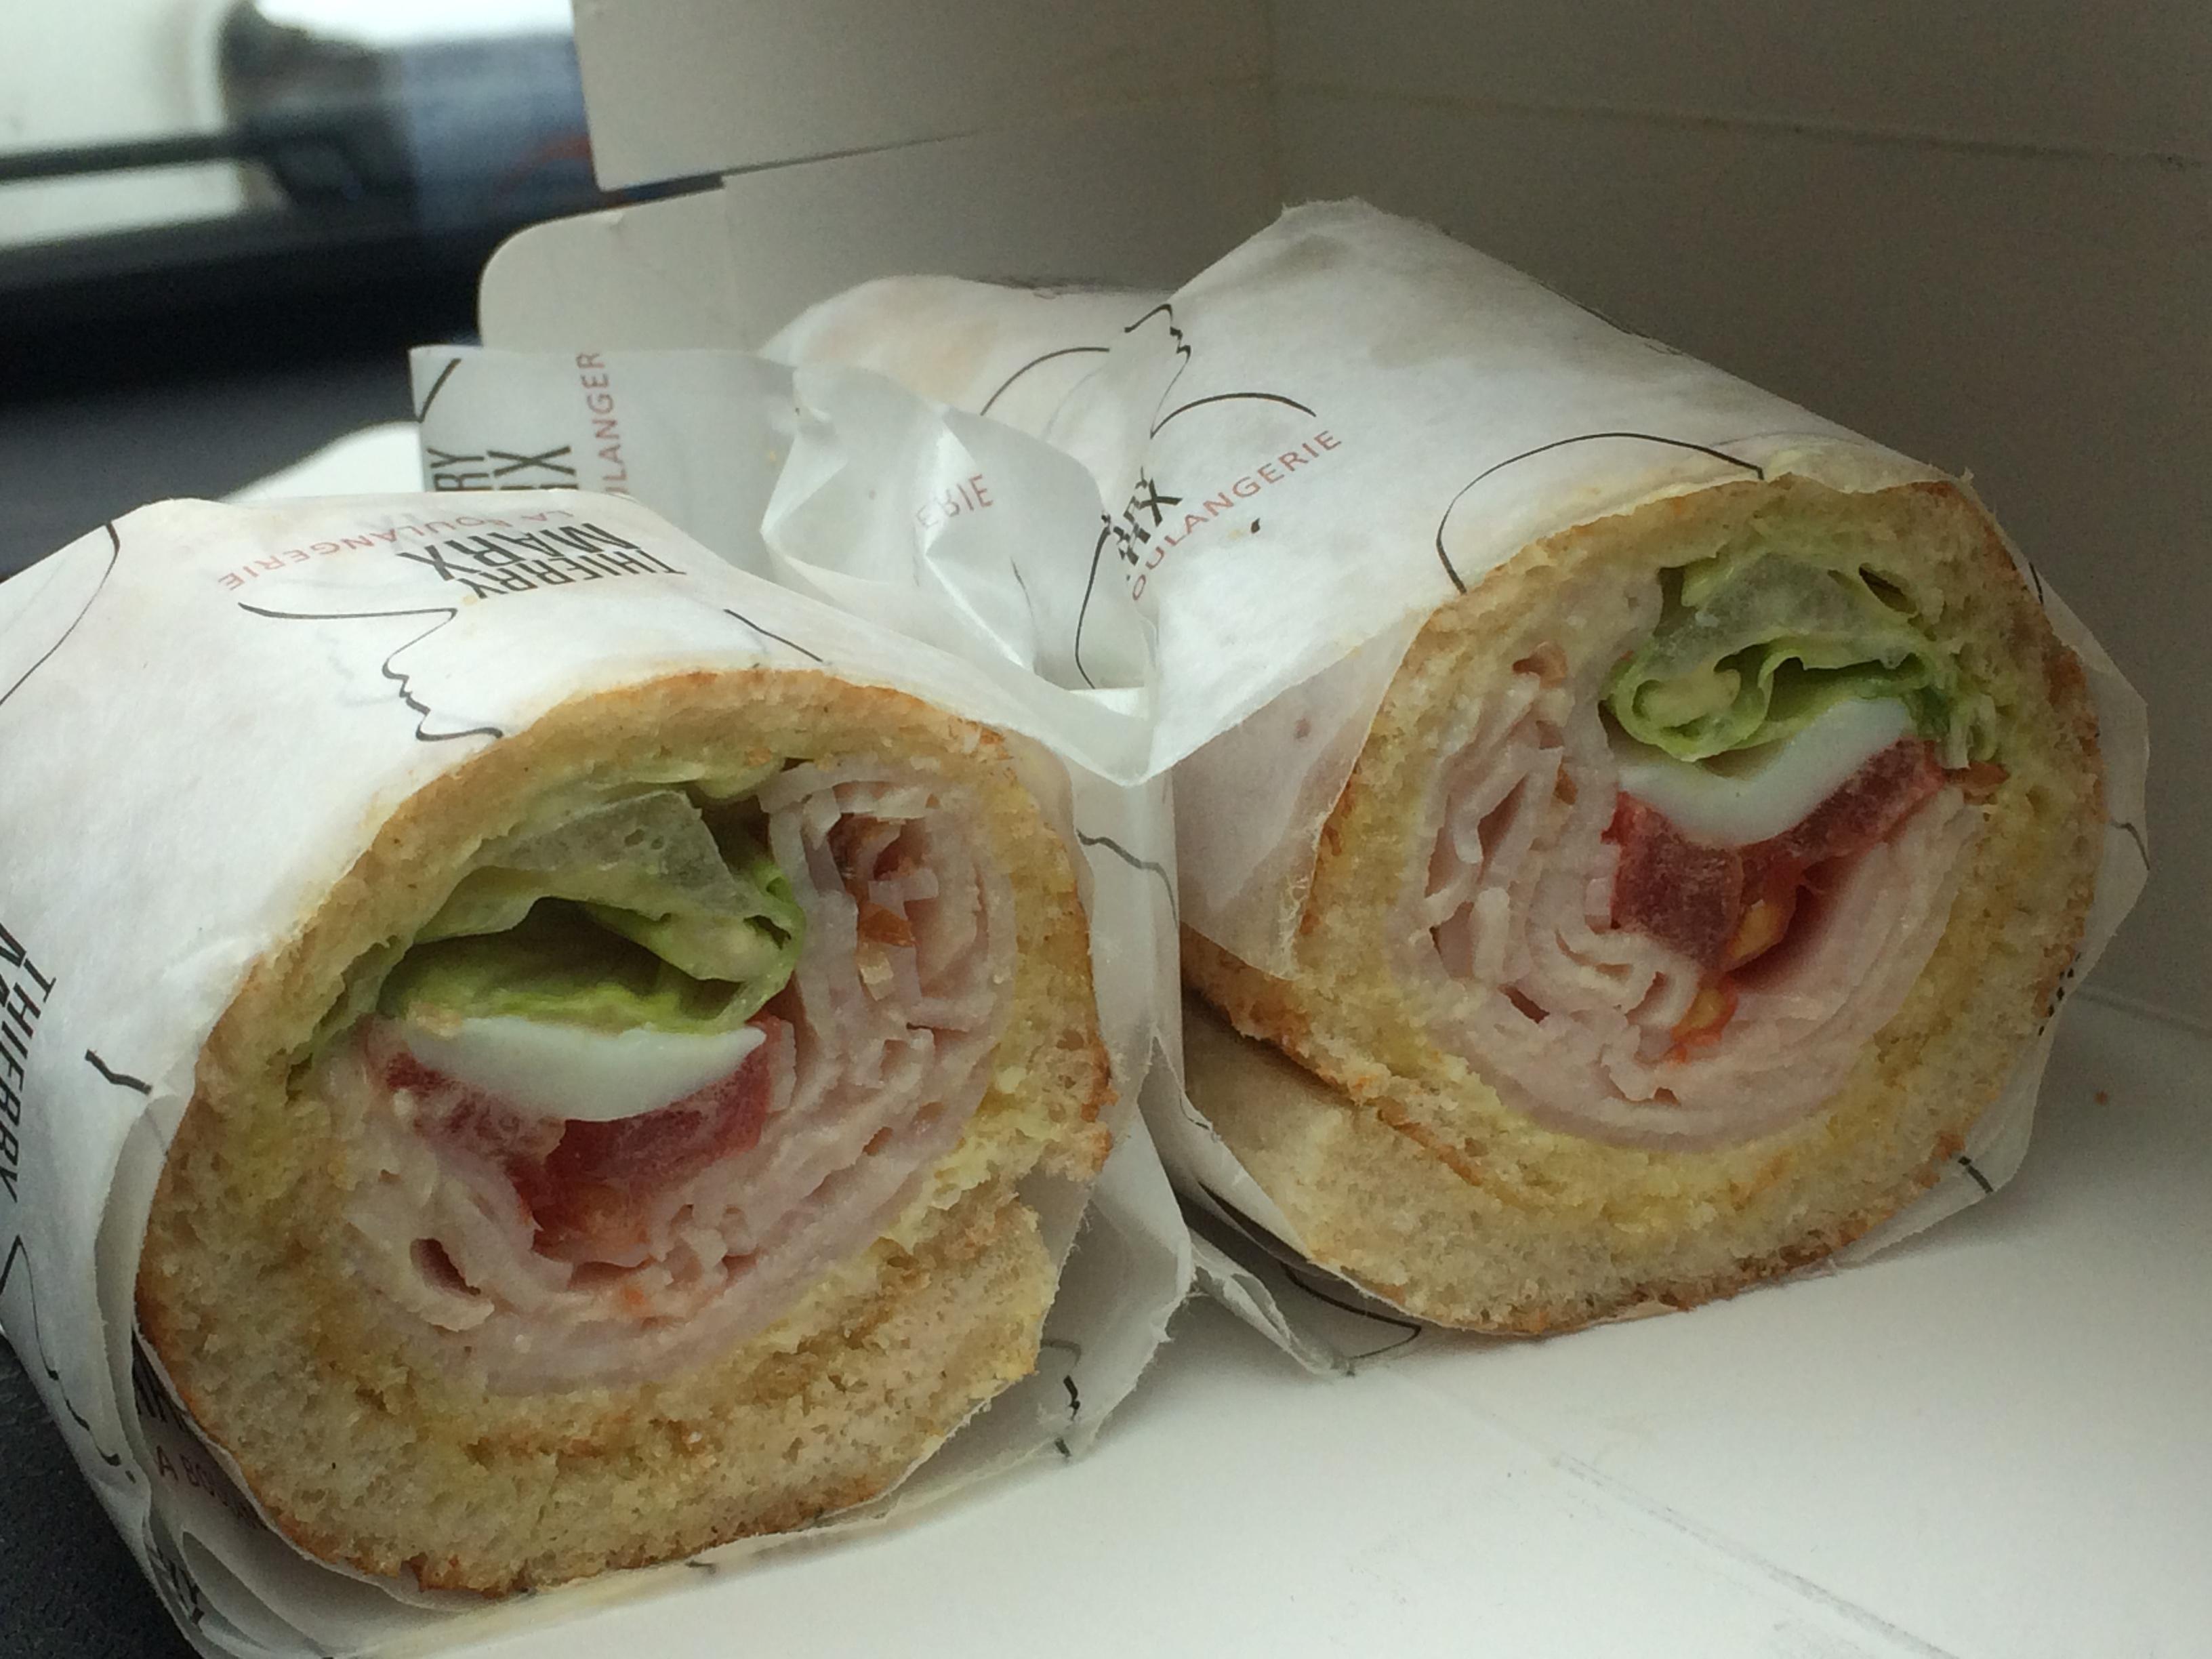 Une version roulée du sandwich